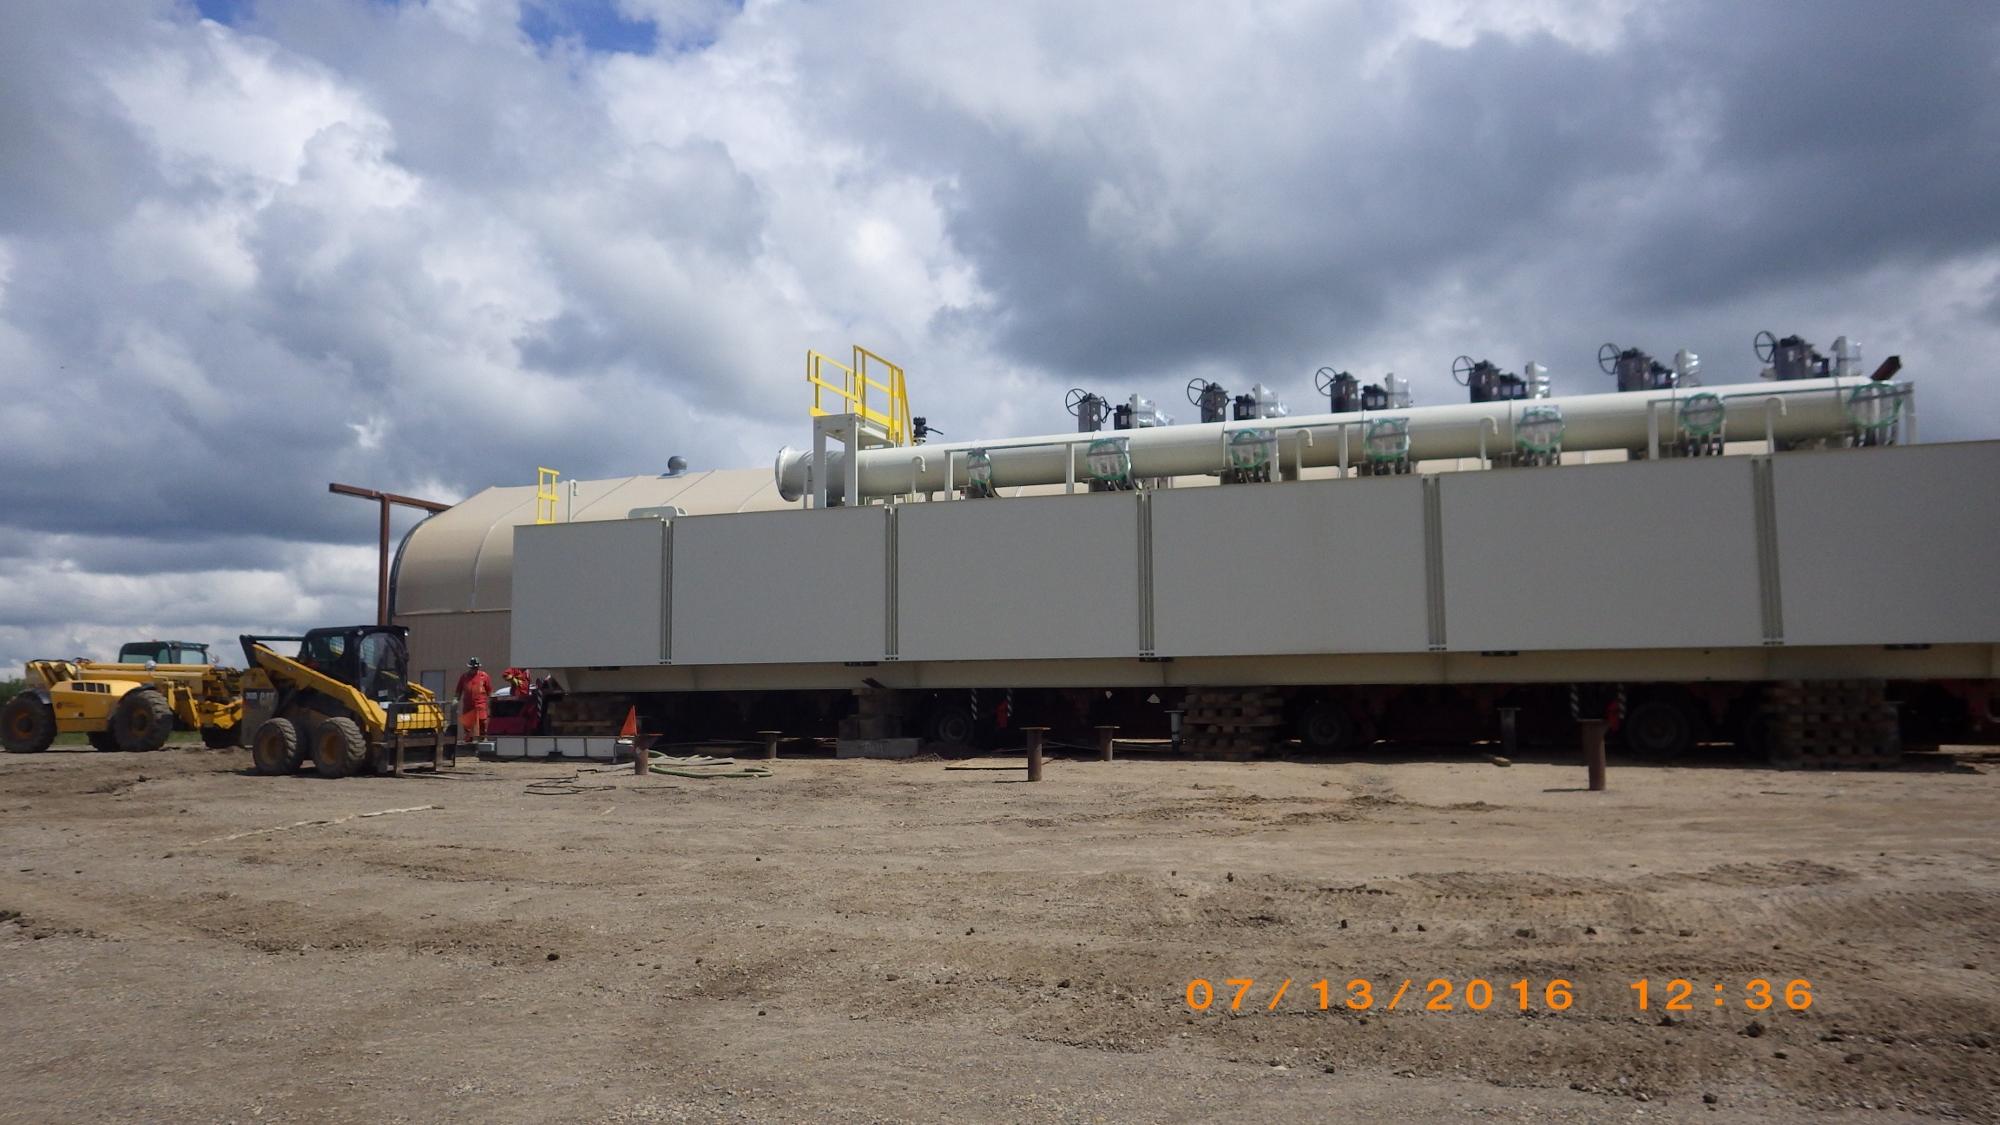 Oilsand_Construction_Tailing_Ponds_PIpe_Bridge_Module4 (2000x1496)